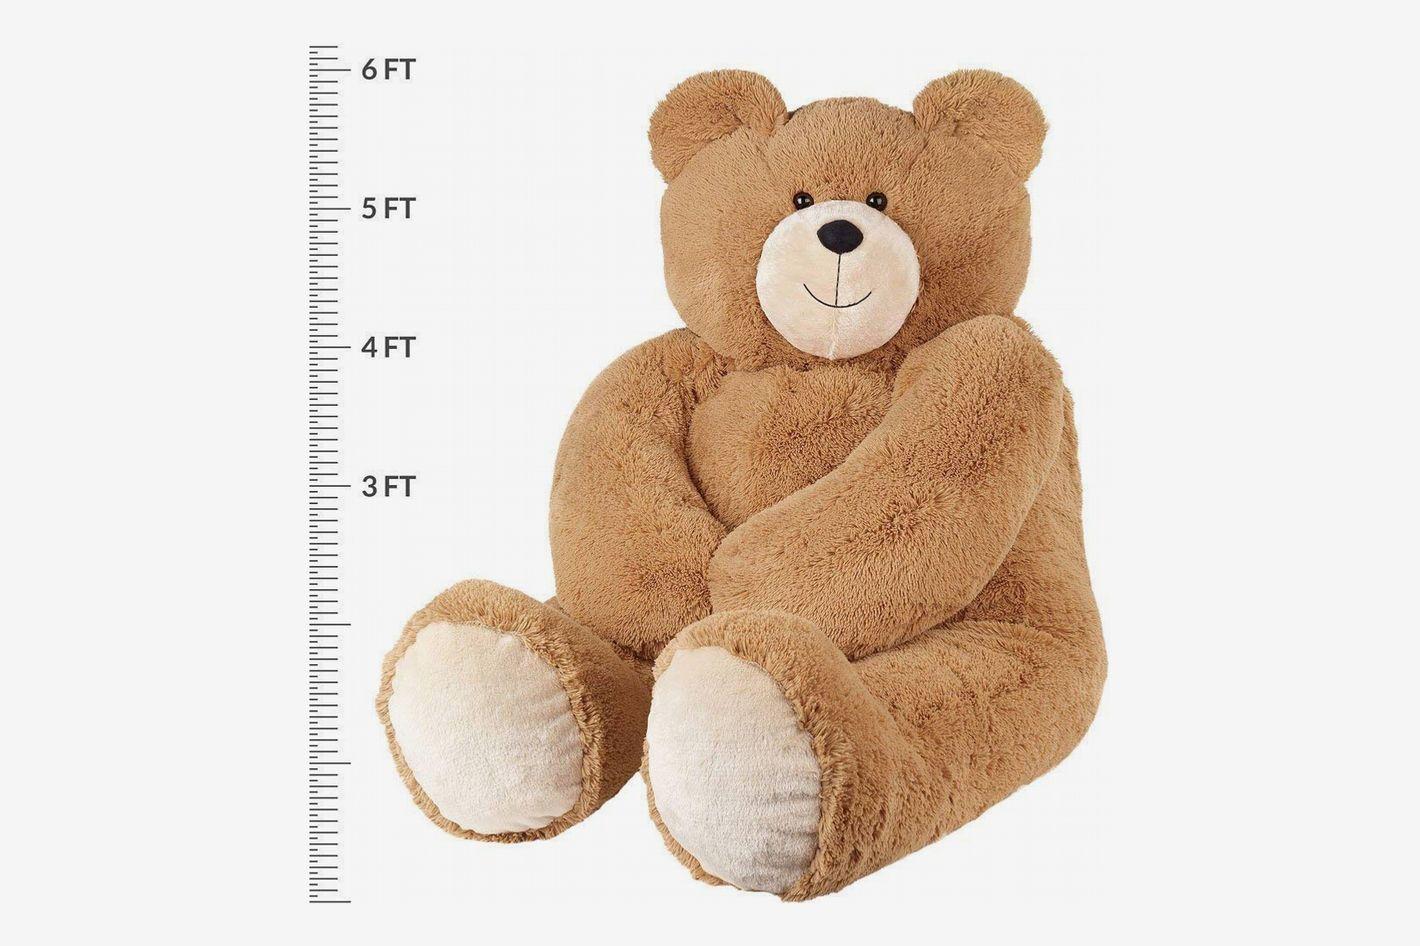 Vermont Teddy Bear - Giant Teddy Bear, 6 Feet Tall, Brown